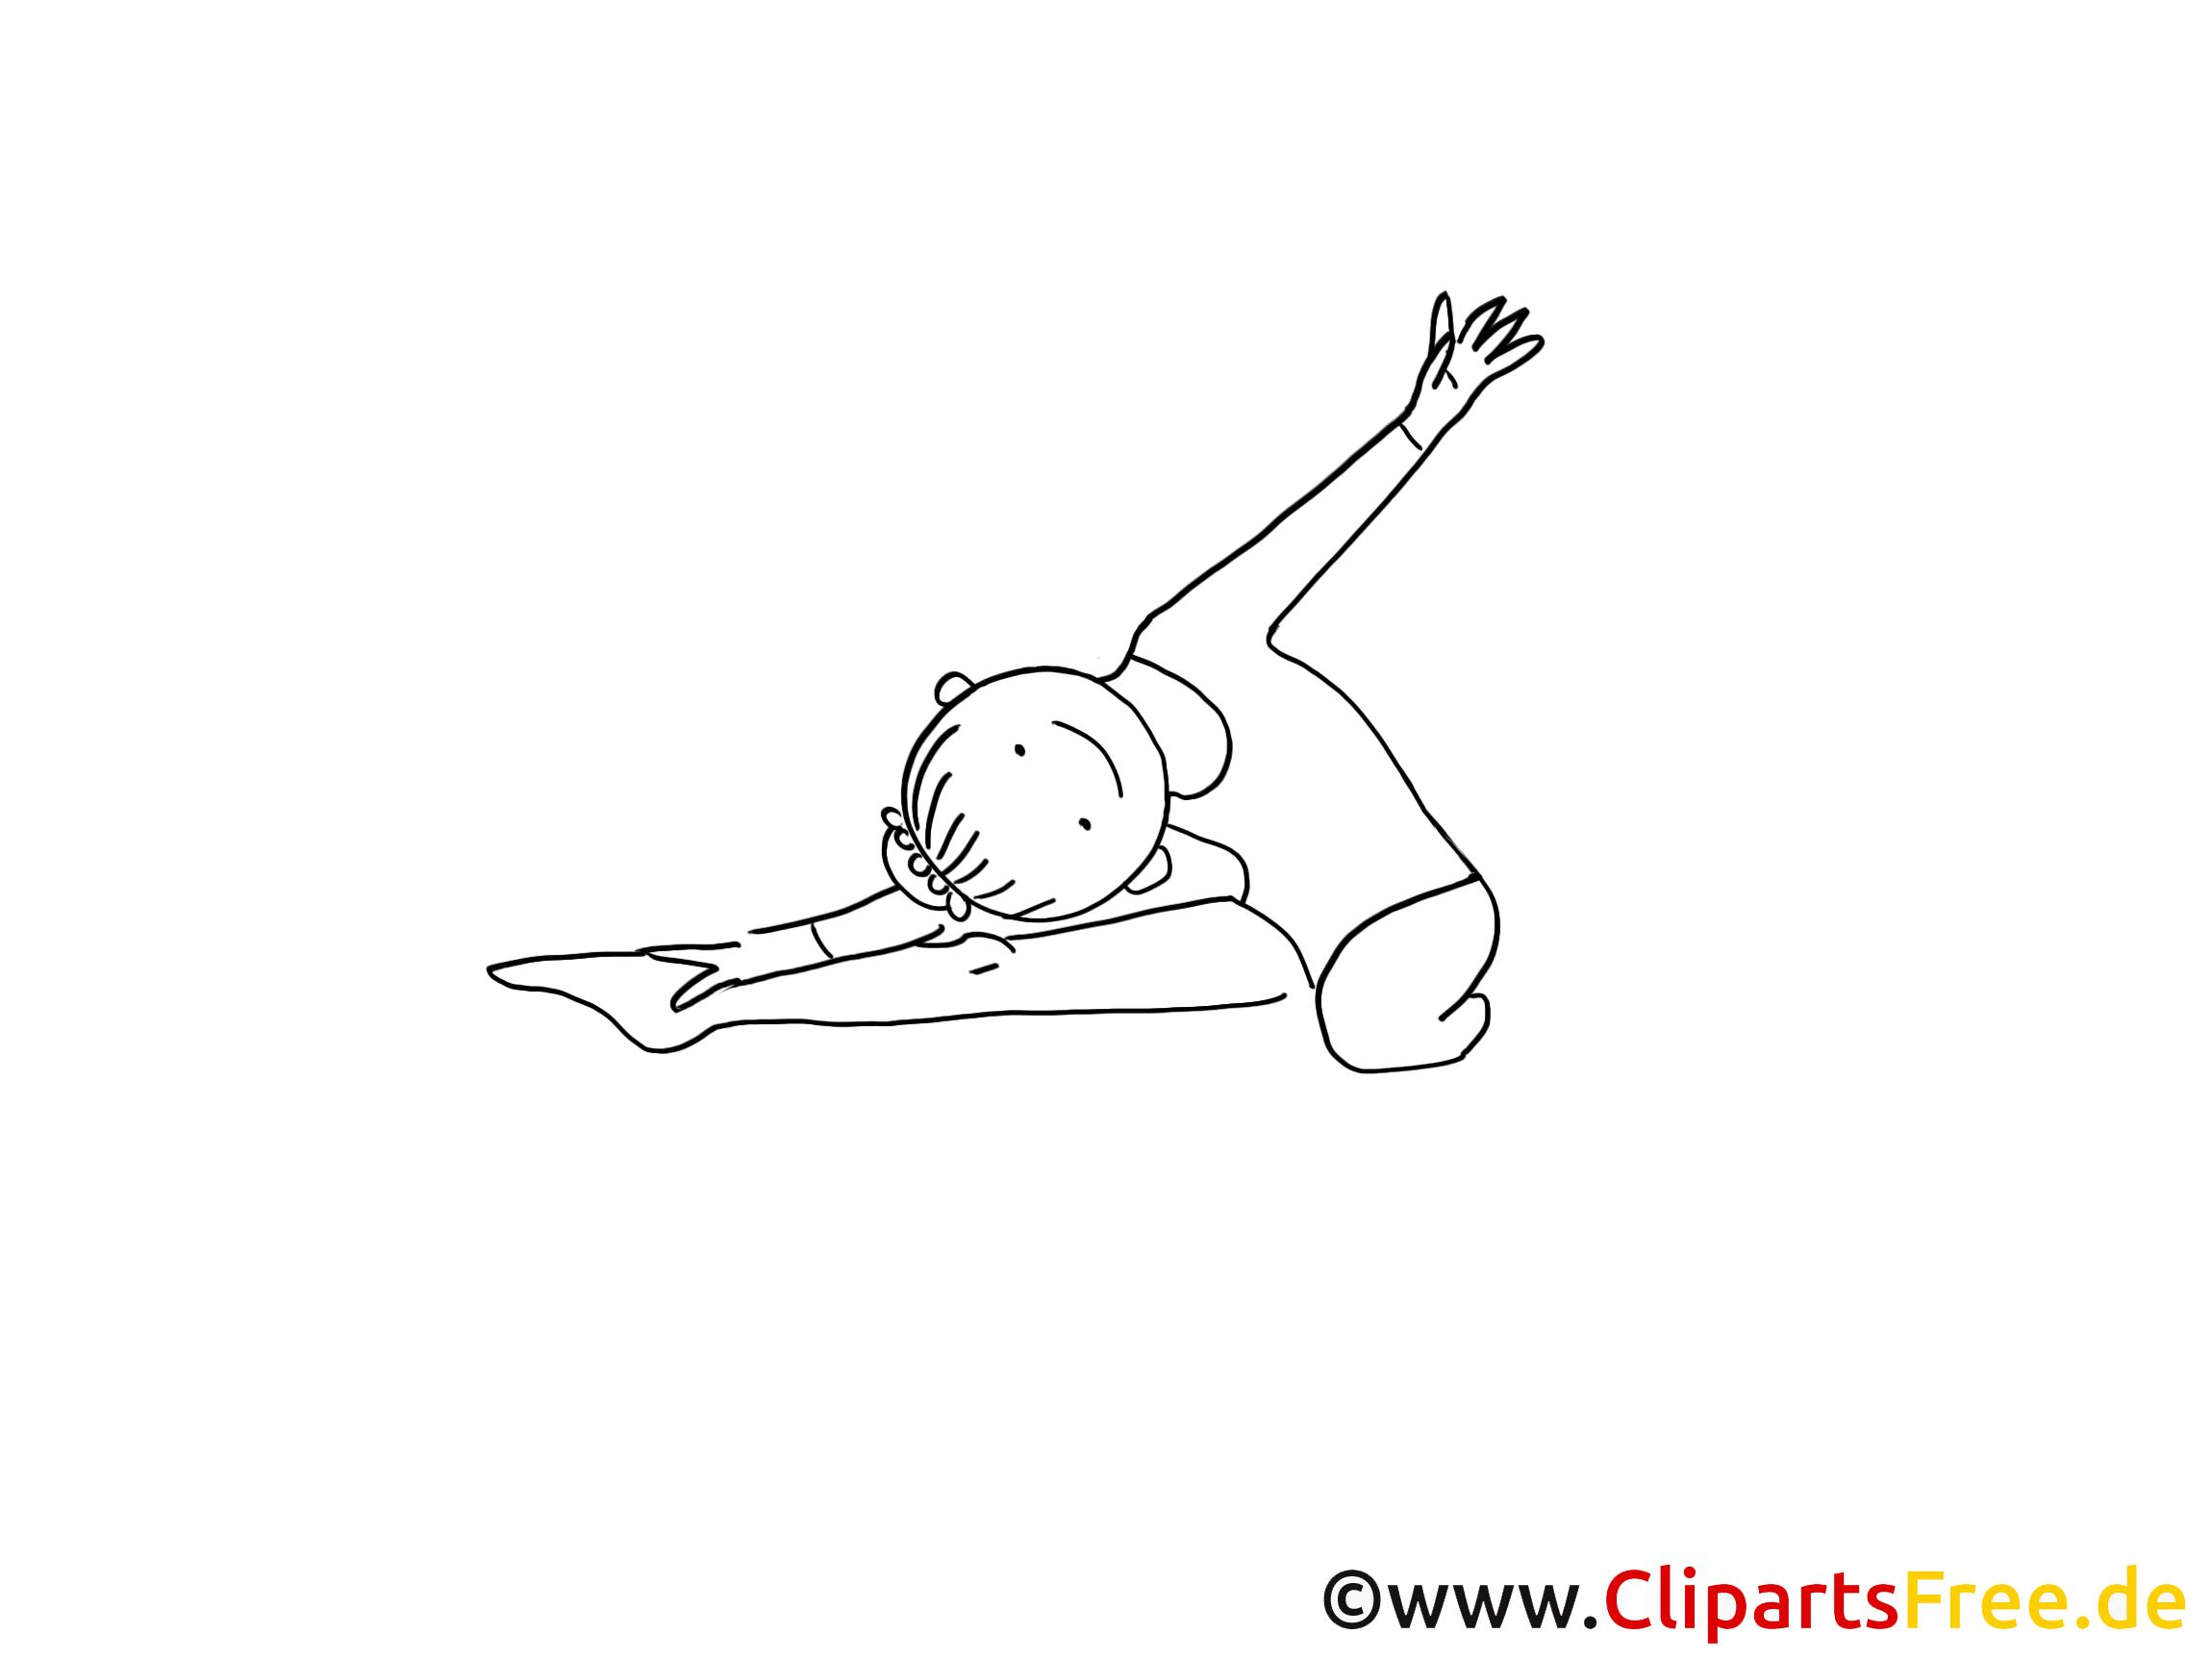 Turnen tekenen van zwart en wit, afbeelding, clipart, tekenfilm, tekenfilm voor tekenen